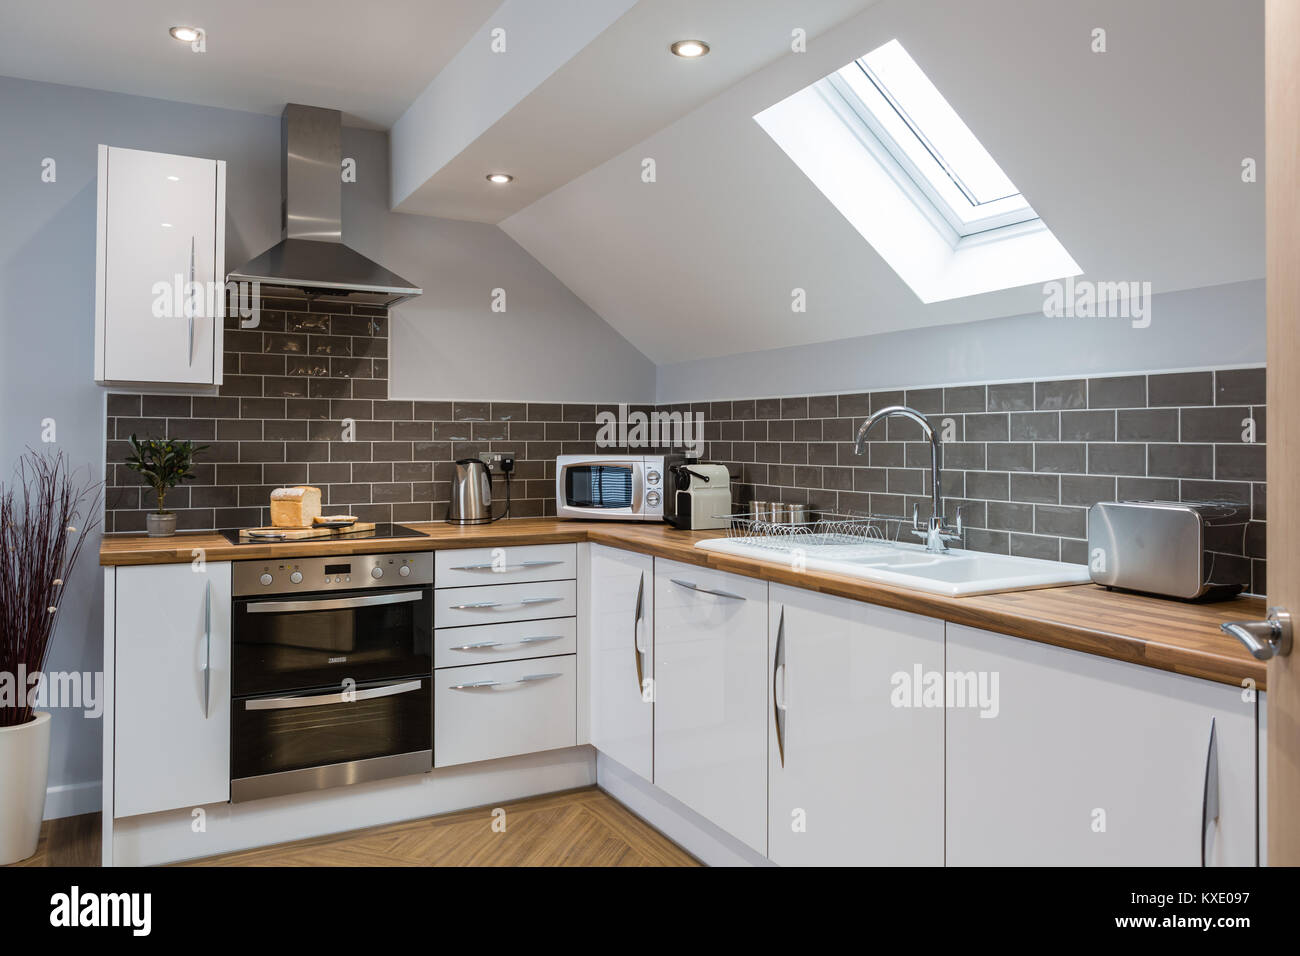 Moderne, weiße Küche mit Holz- Arbeitsplatten Stockfoto, Bild ...